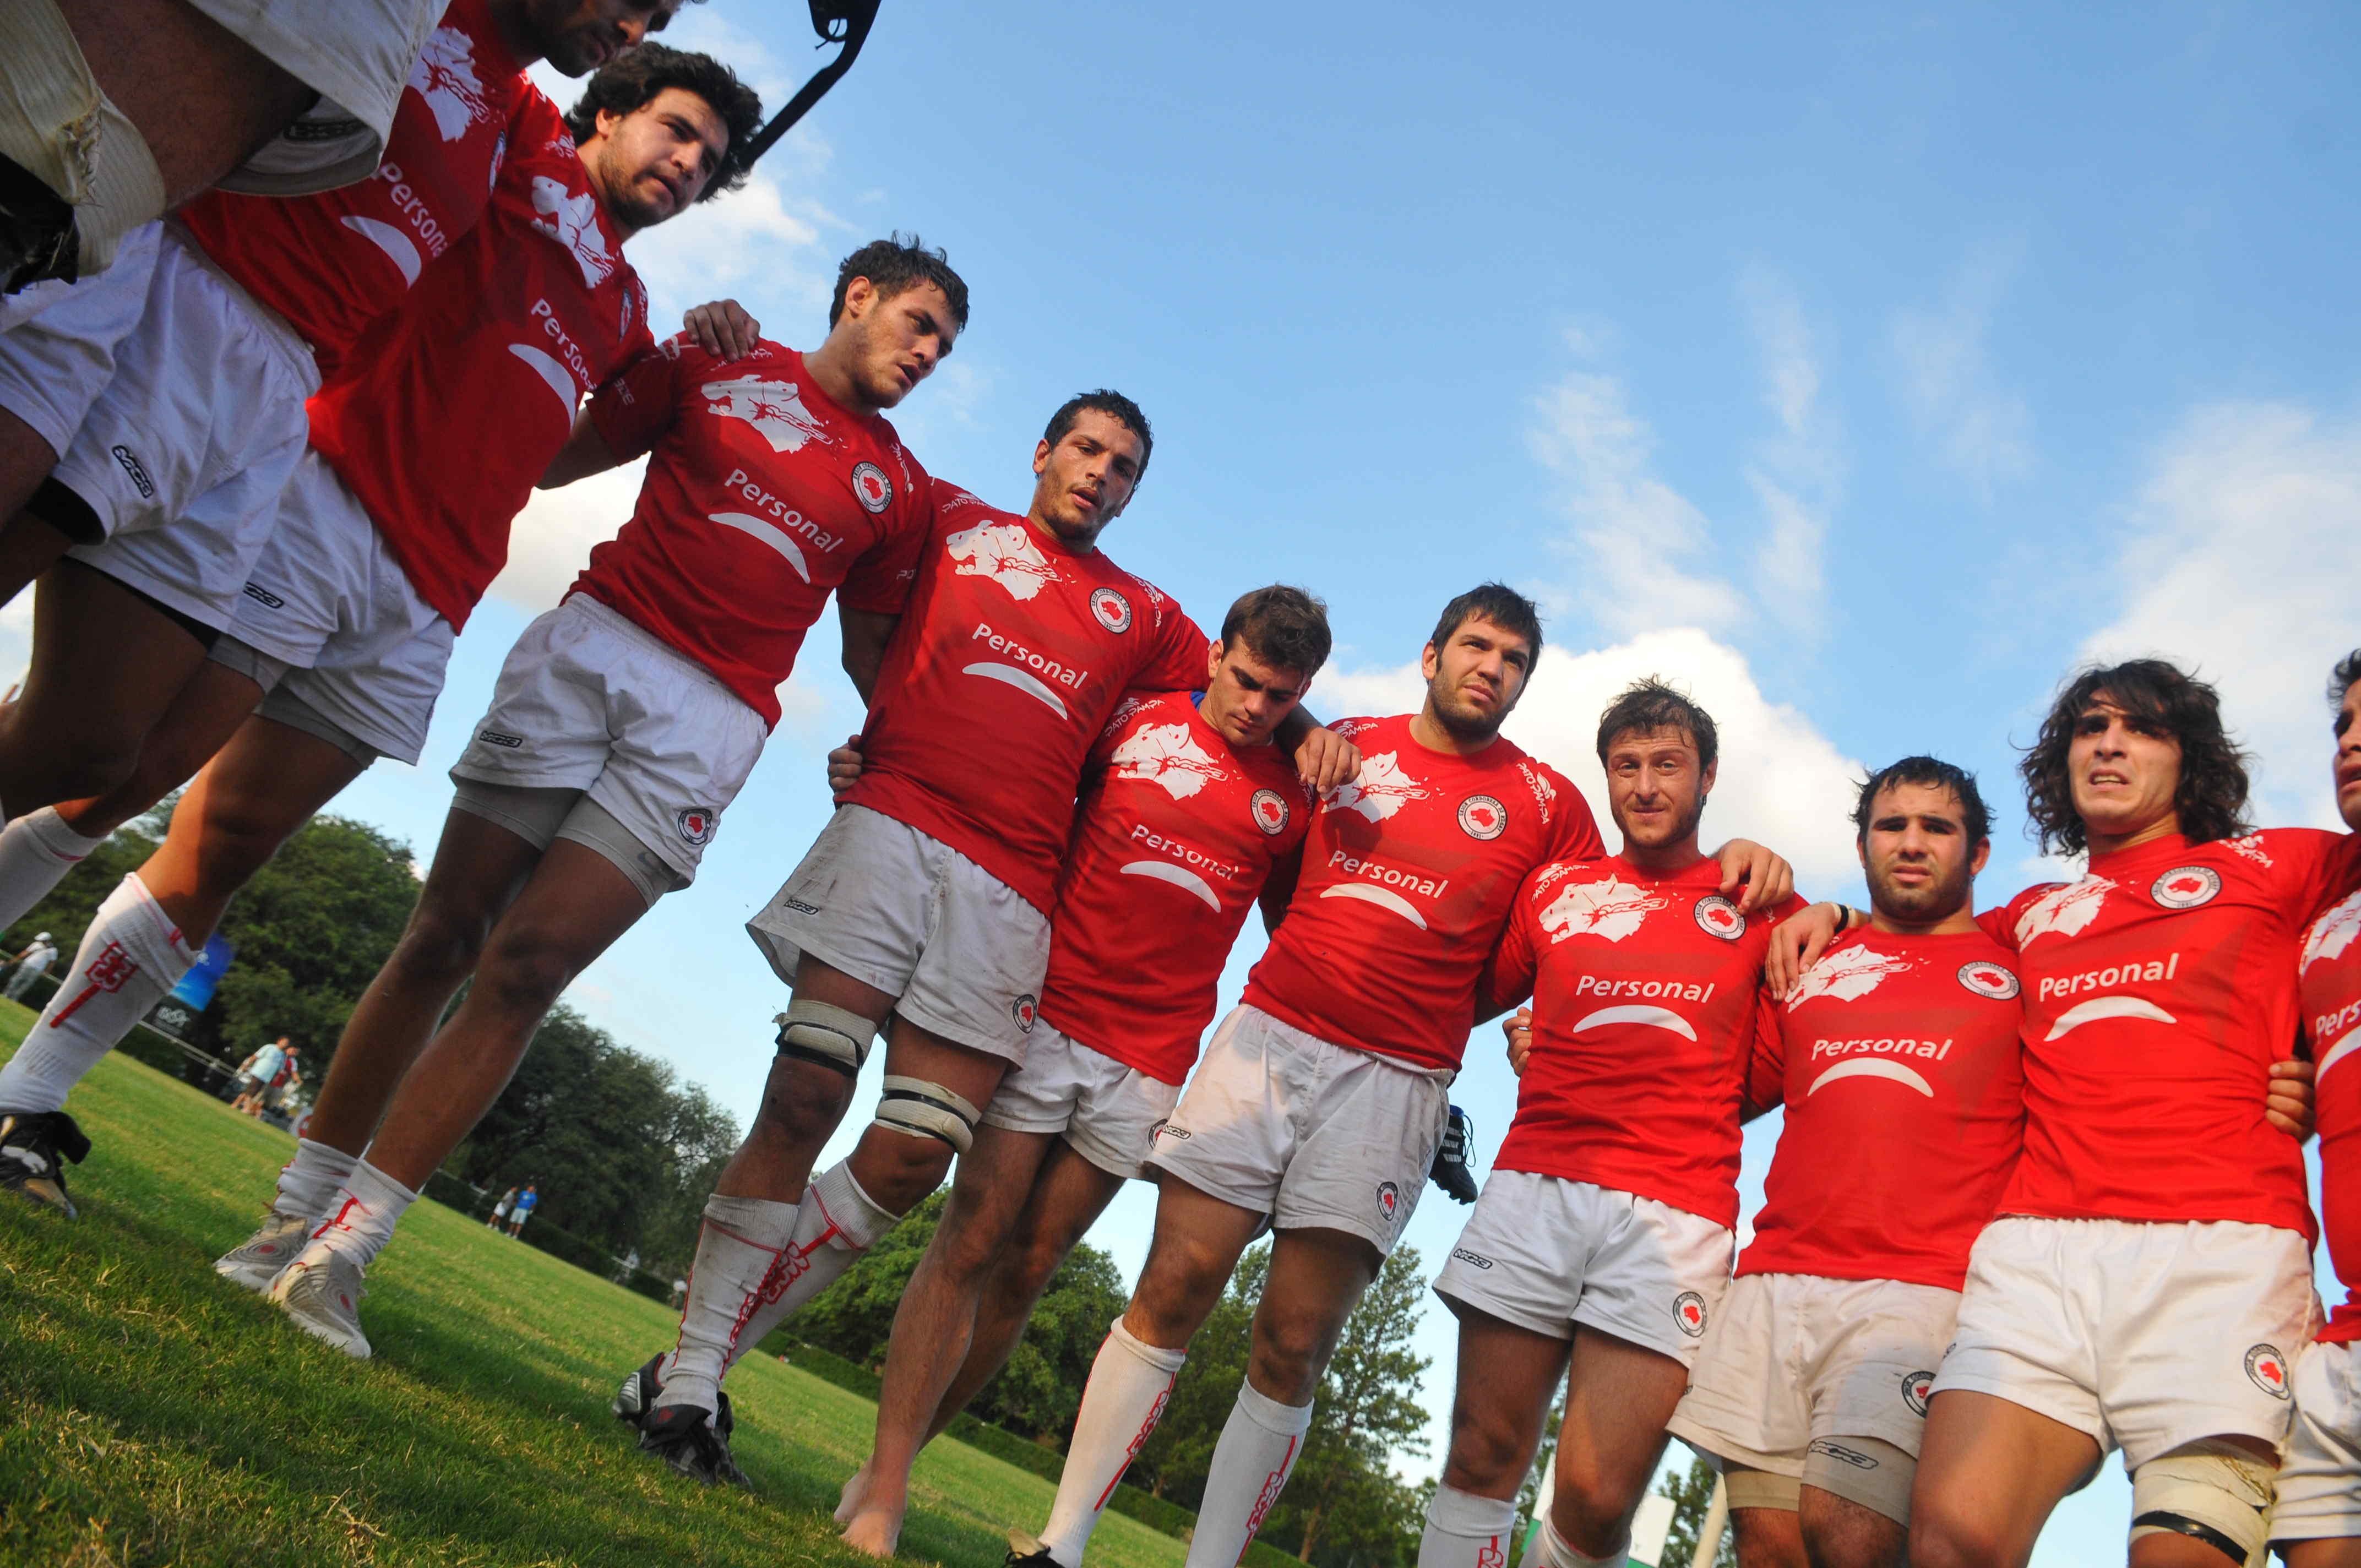 Comienza el Campeonato Argentino de Rugby